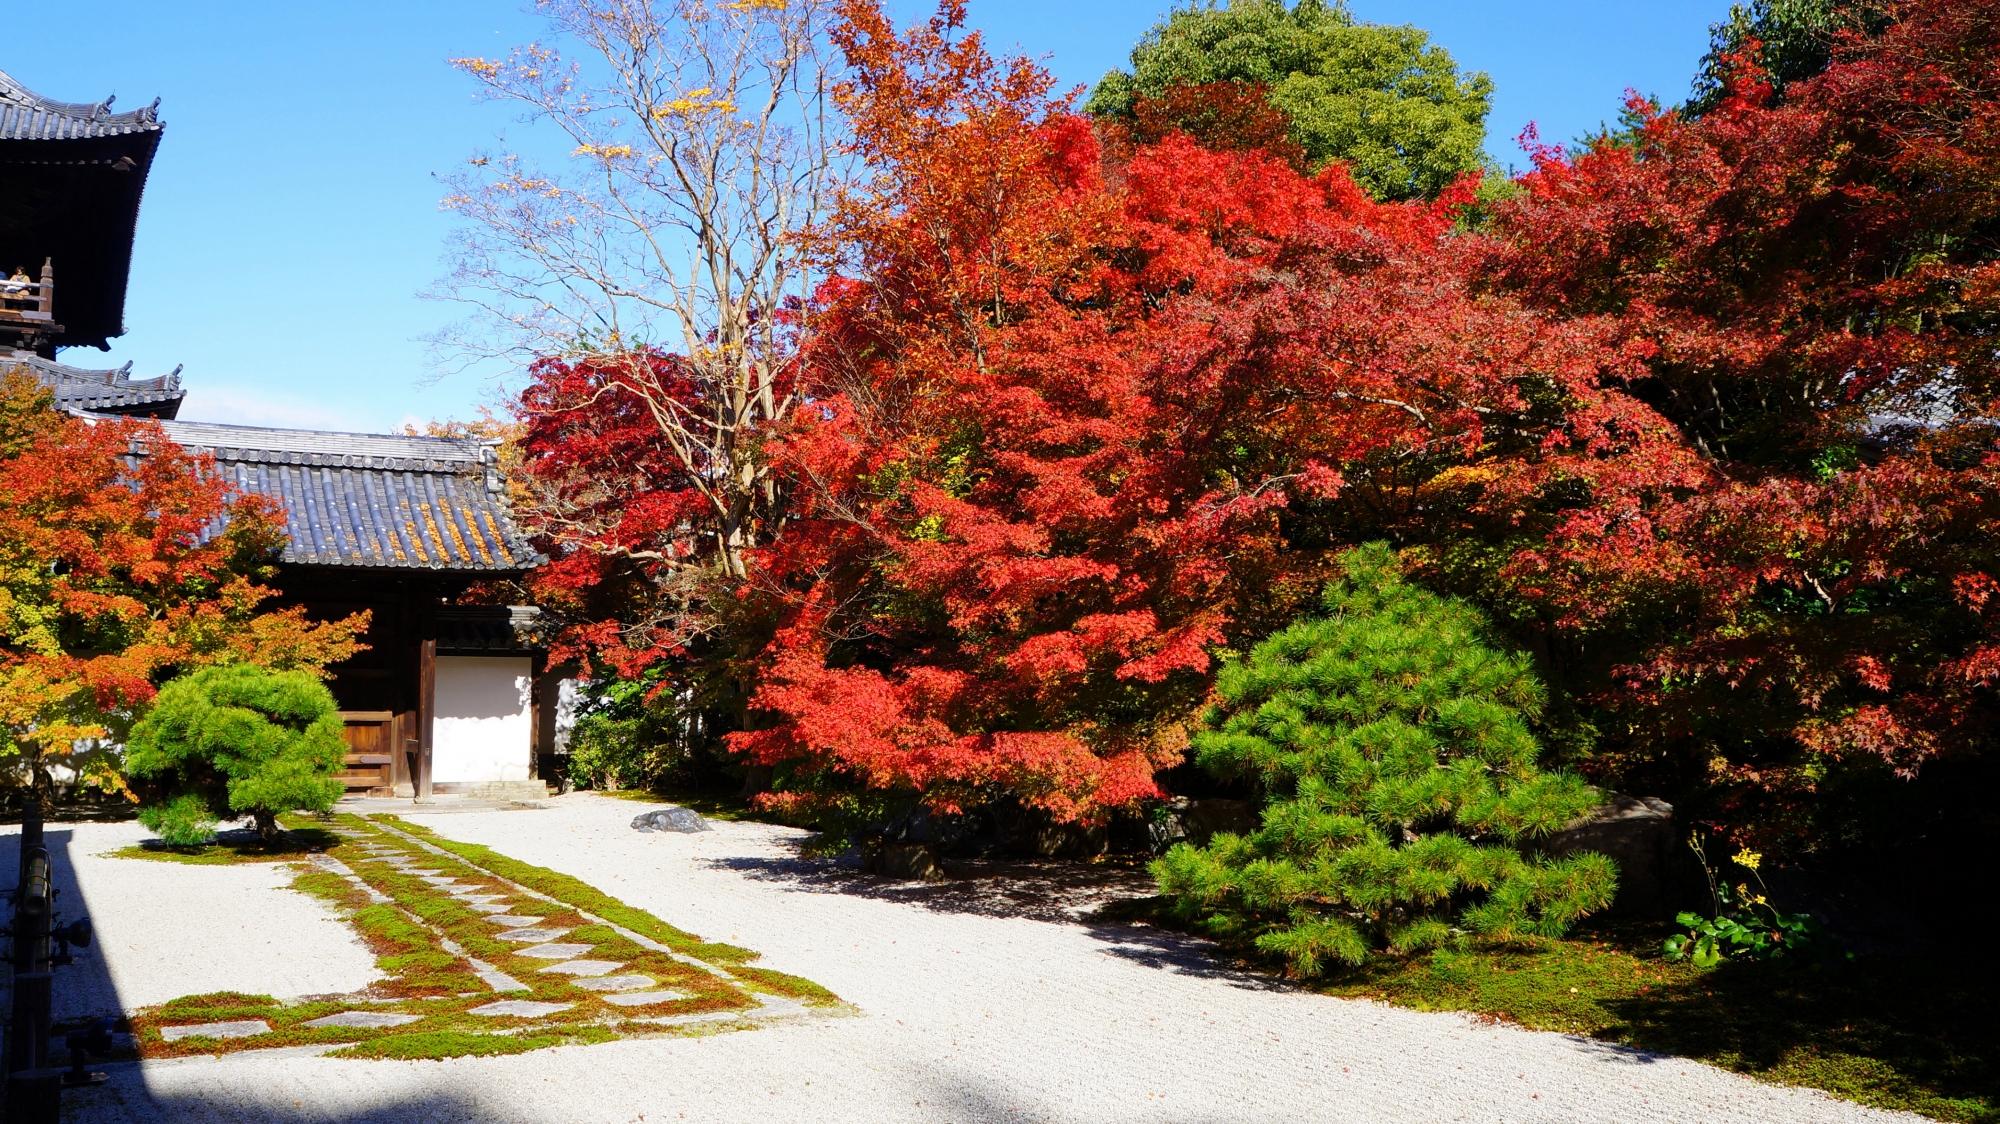 天授庵本堂前庭と真っ赤な紅葉